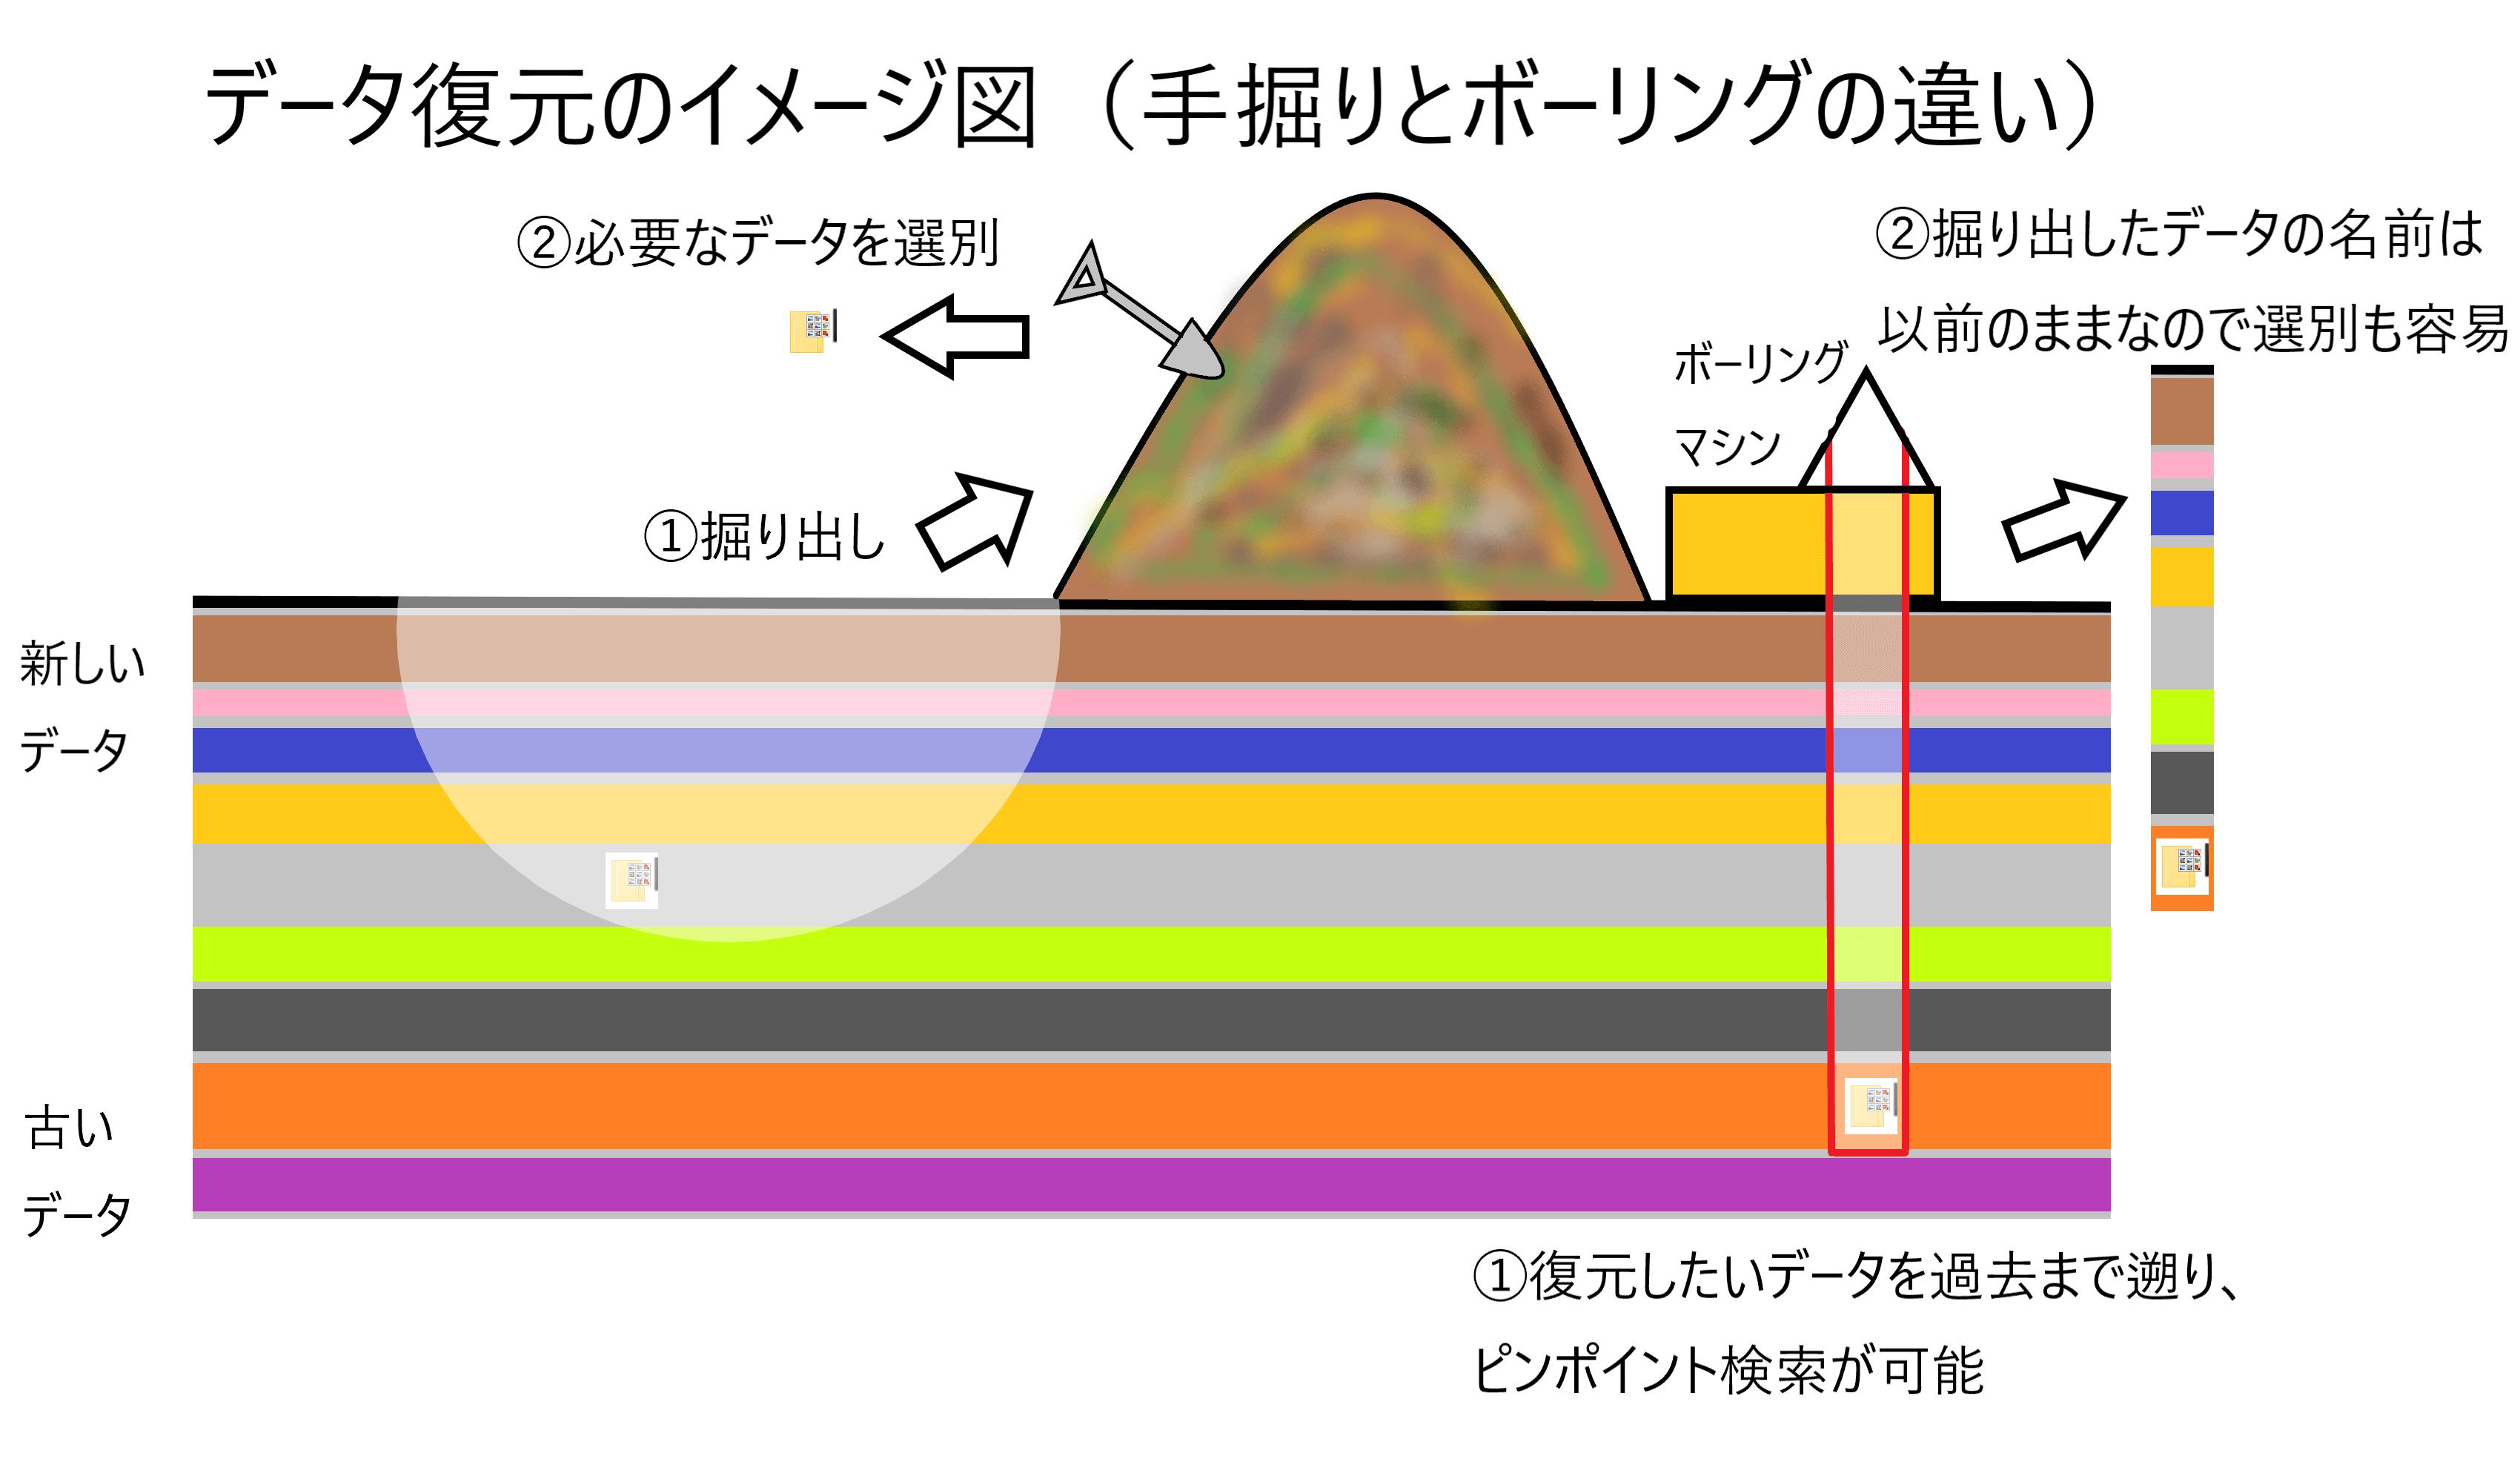 データ復元のイメージ(手掘りとボーリングの違い)